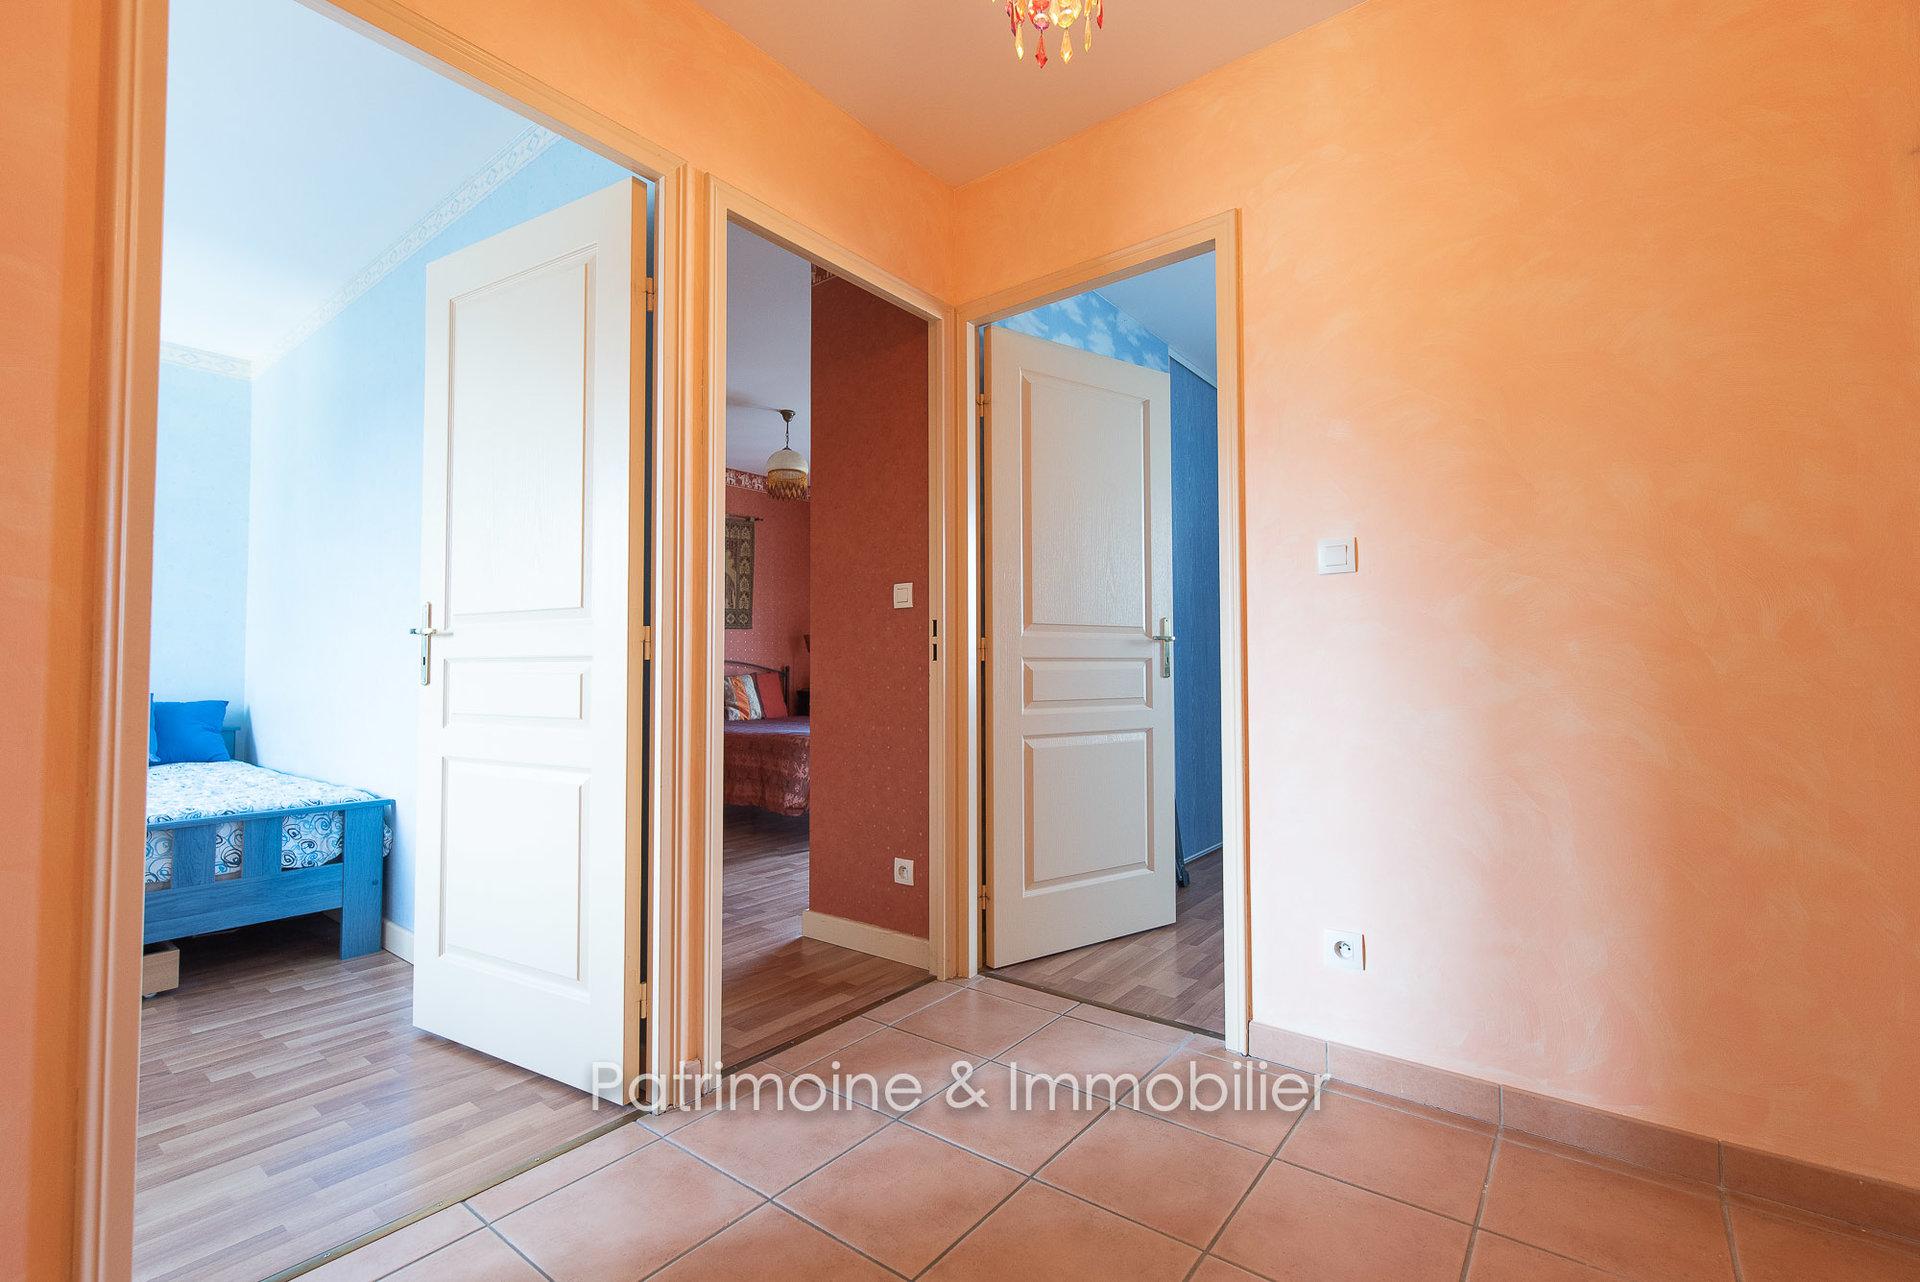 Sale Apartment - Saint-Bonnet-de-Mure